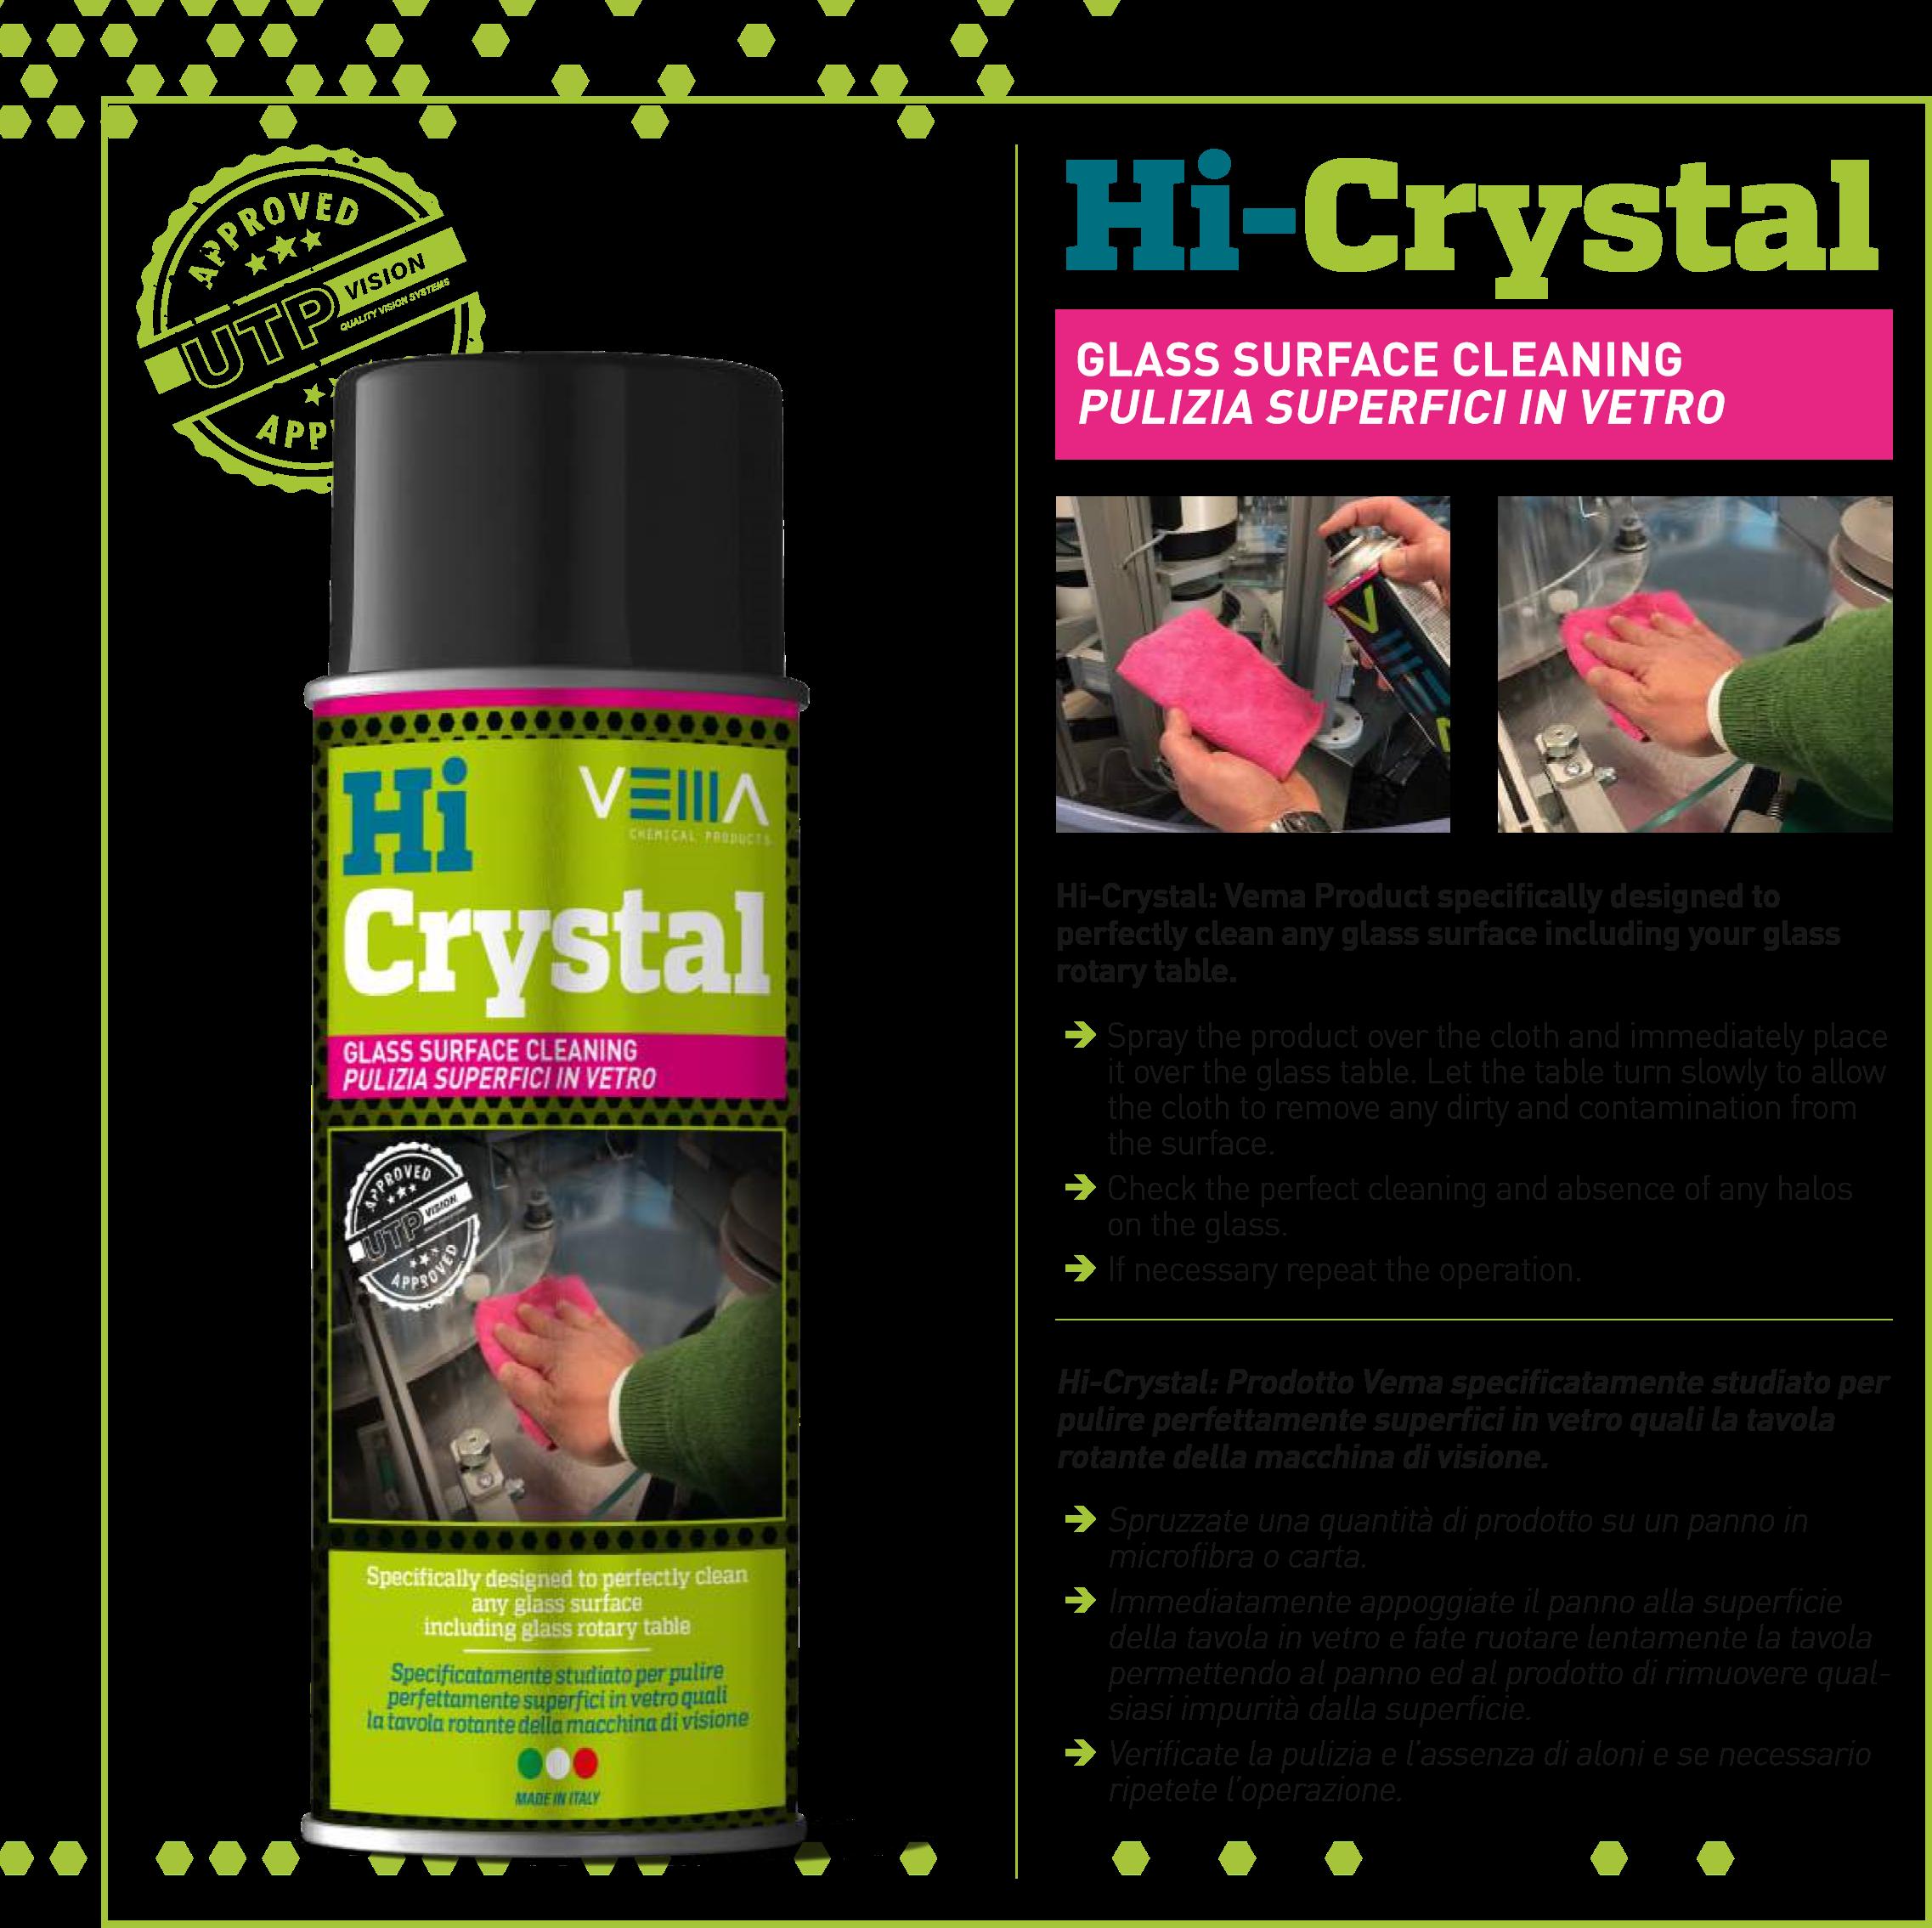 hi-crystal